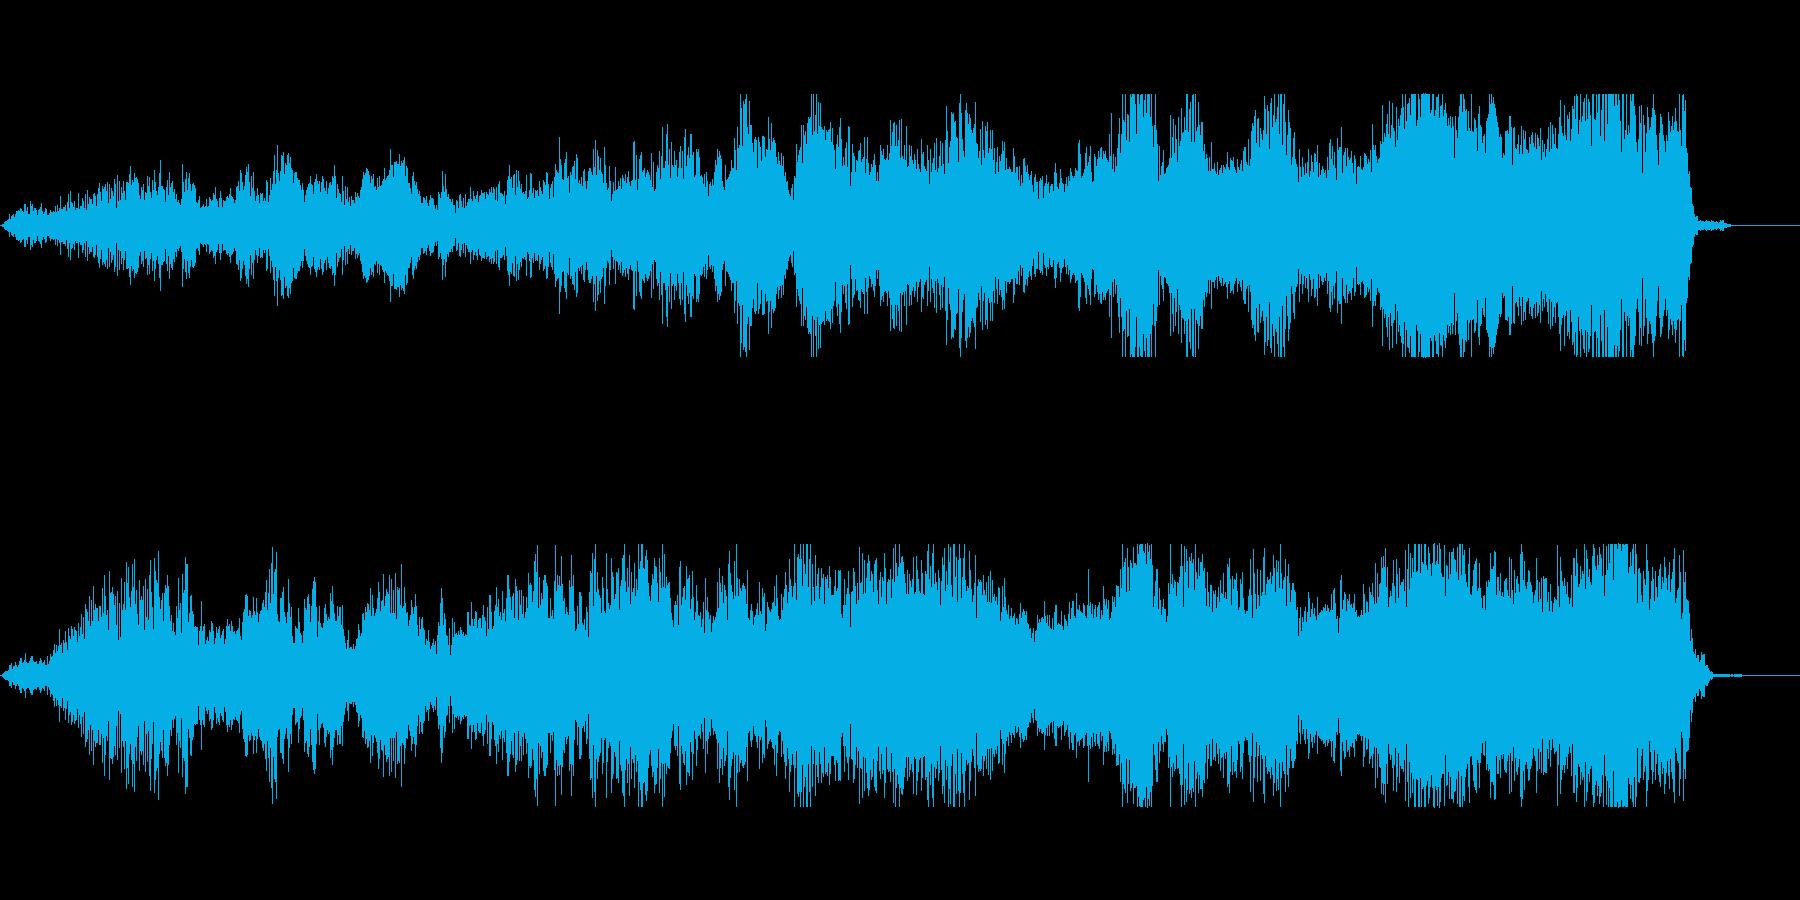 悪霊、音量たちの恨みの声1の再生済みの波形